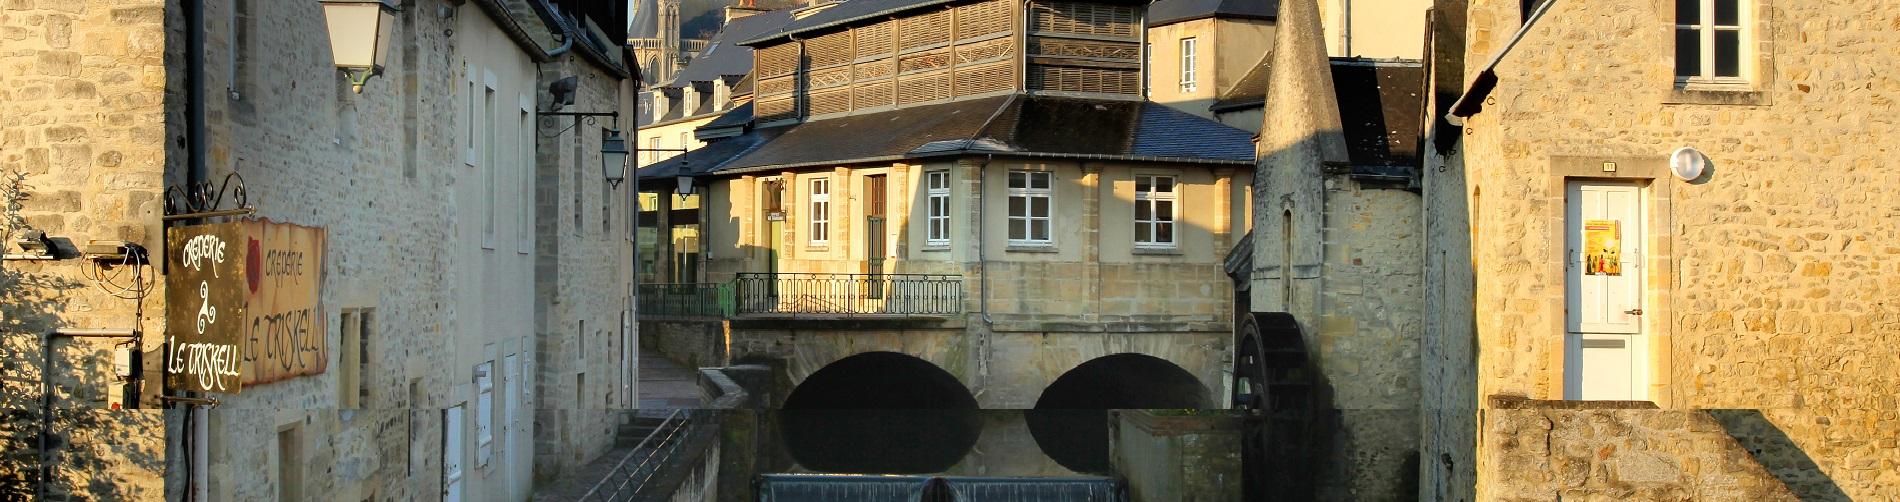 Parcs jardins et balades ville de bayeux for Piscine aure sole